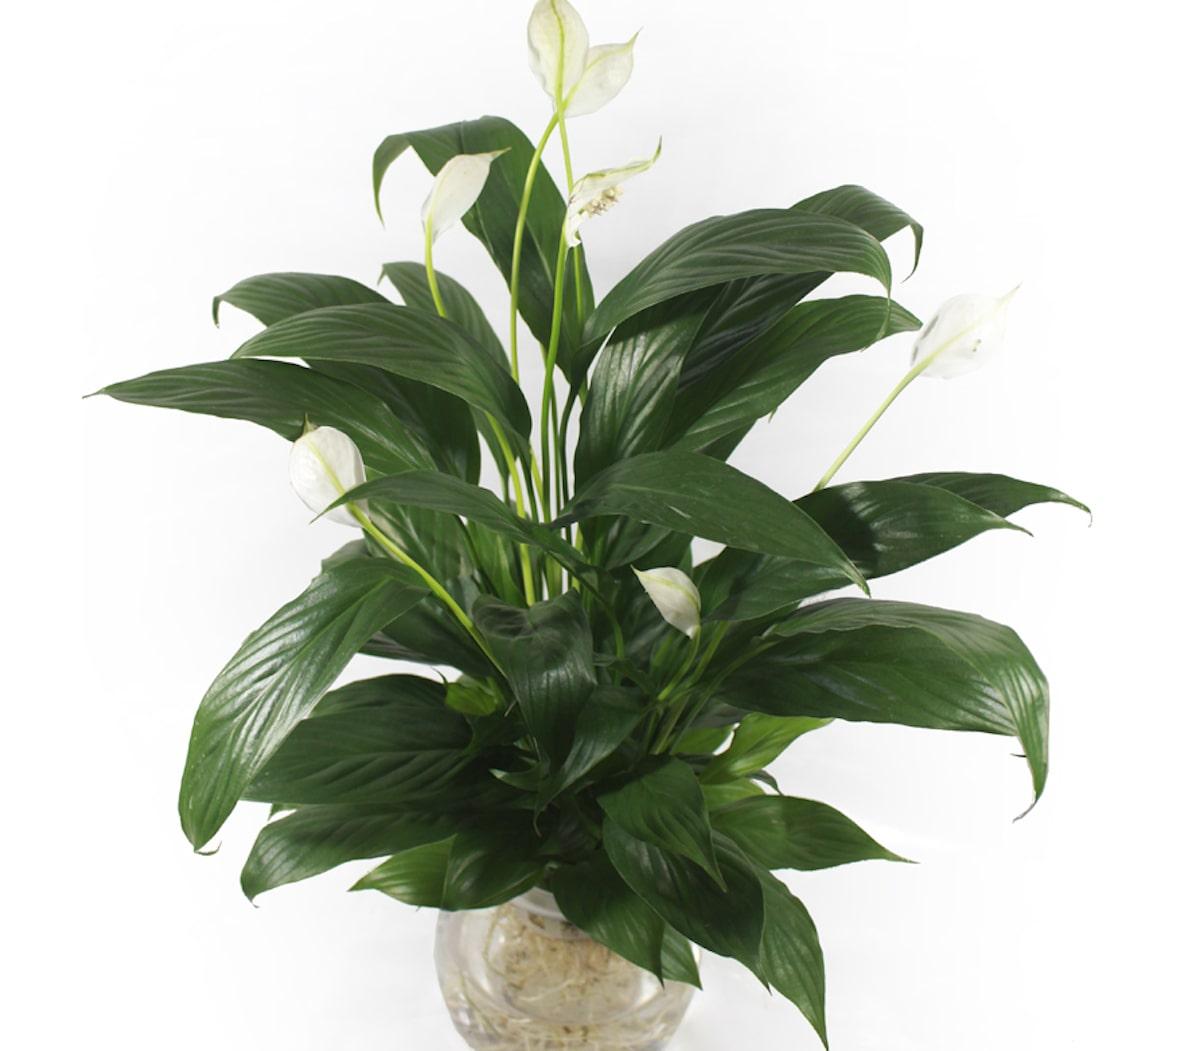 Lan ý có công dụng loại bỏ các hợp chất hóa học trong nhà như benzen, formaldehyd. Đây là một trong số ít những cây có thể nở hoa trong nhà.